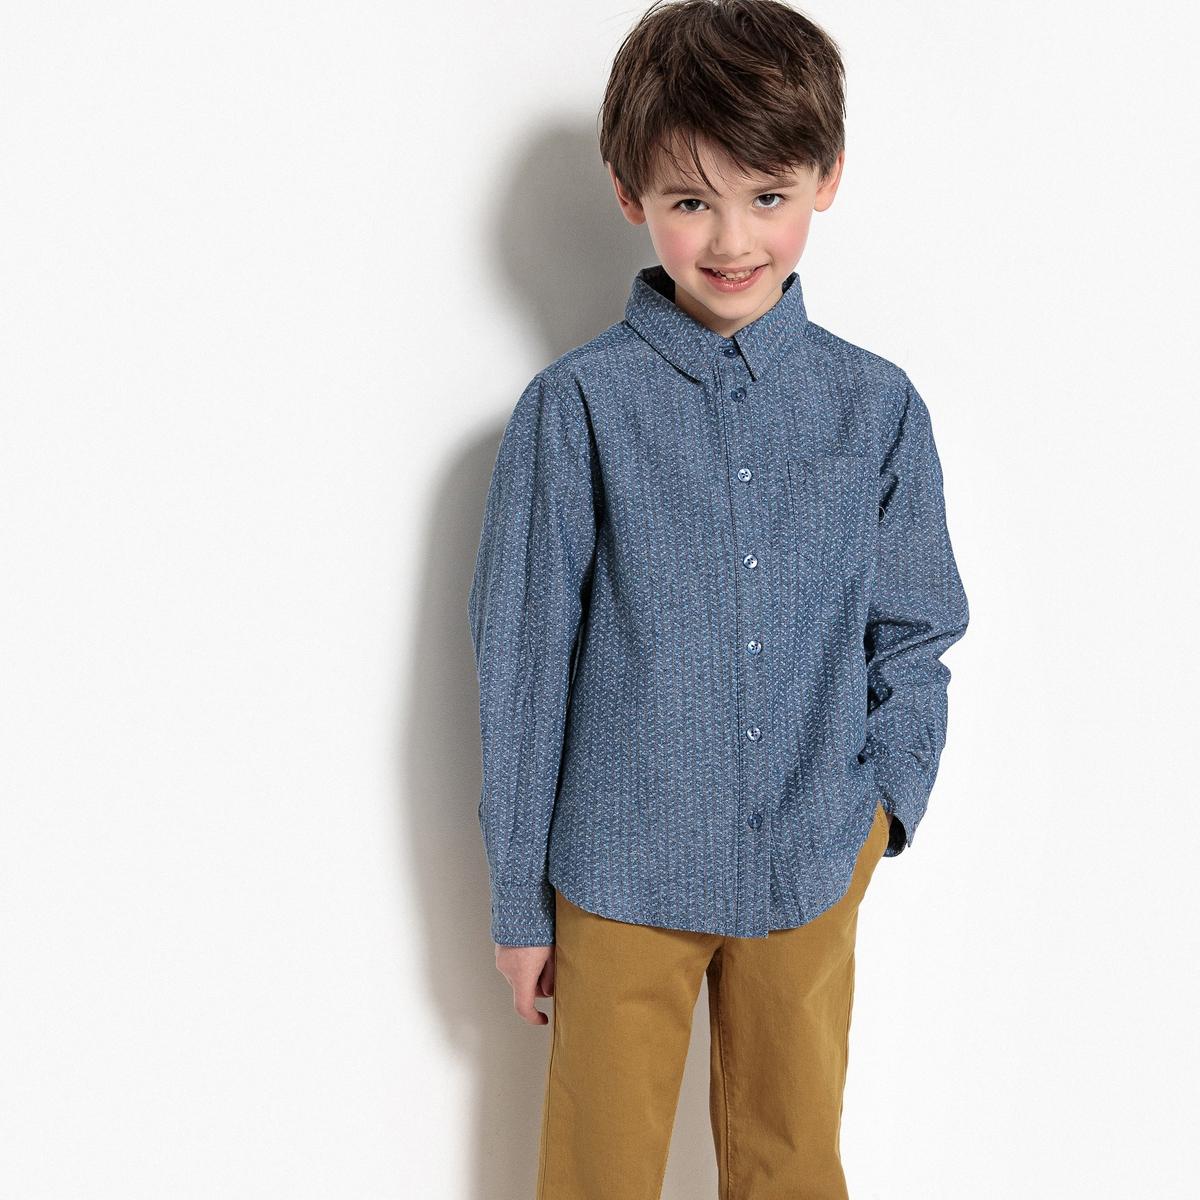 Рубашка с рисунком, 3-12 лет бермуды из мольтона с рисунком на 3 12 лет